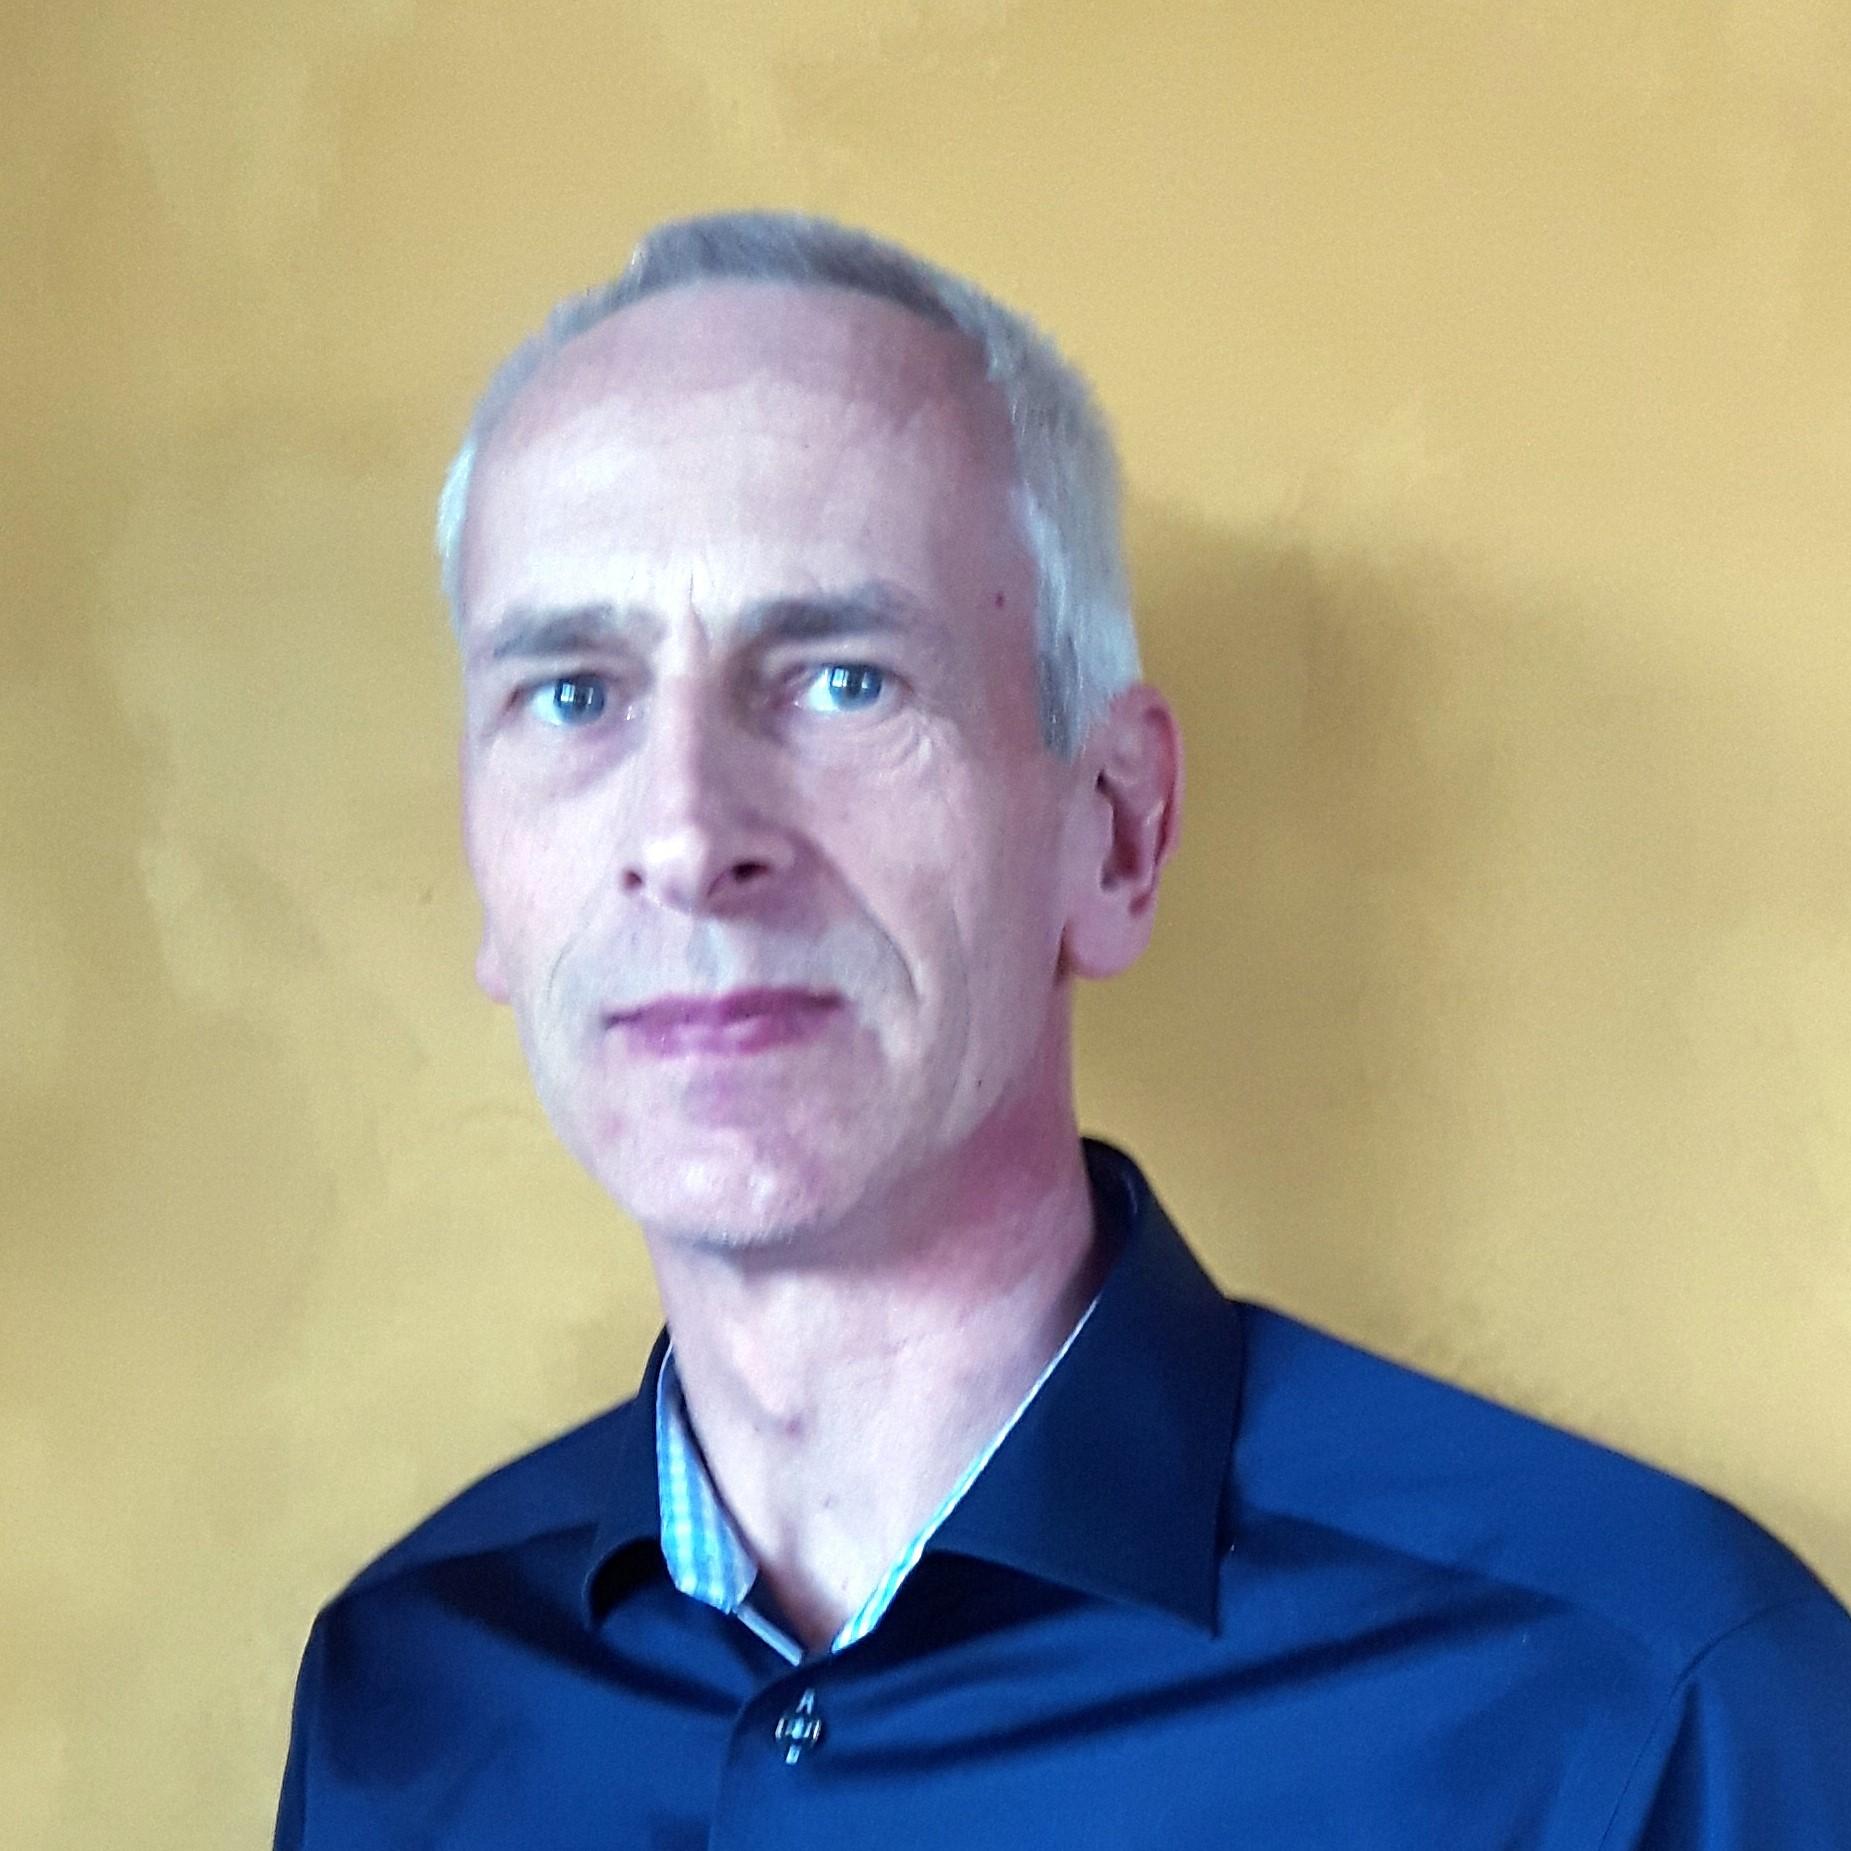 Marc van der Poel